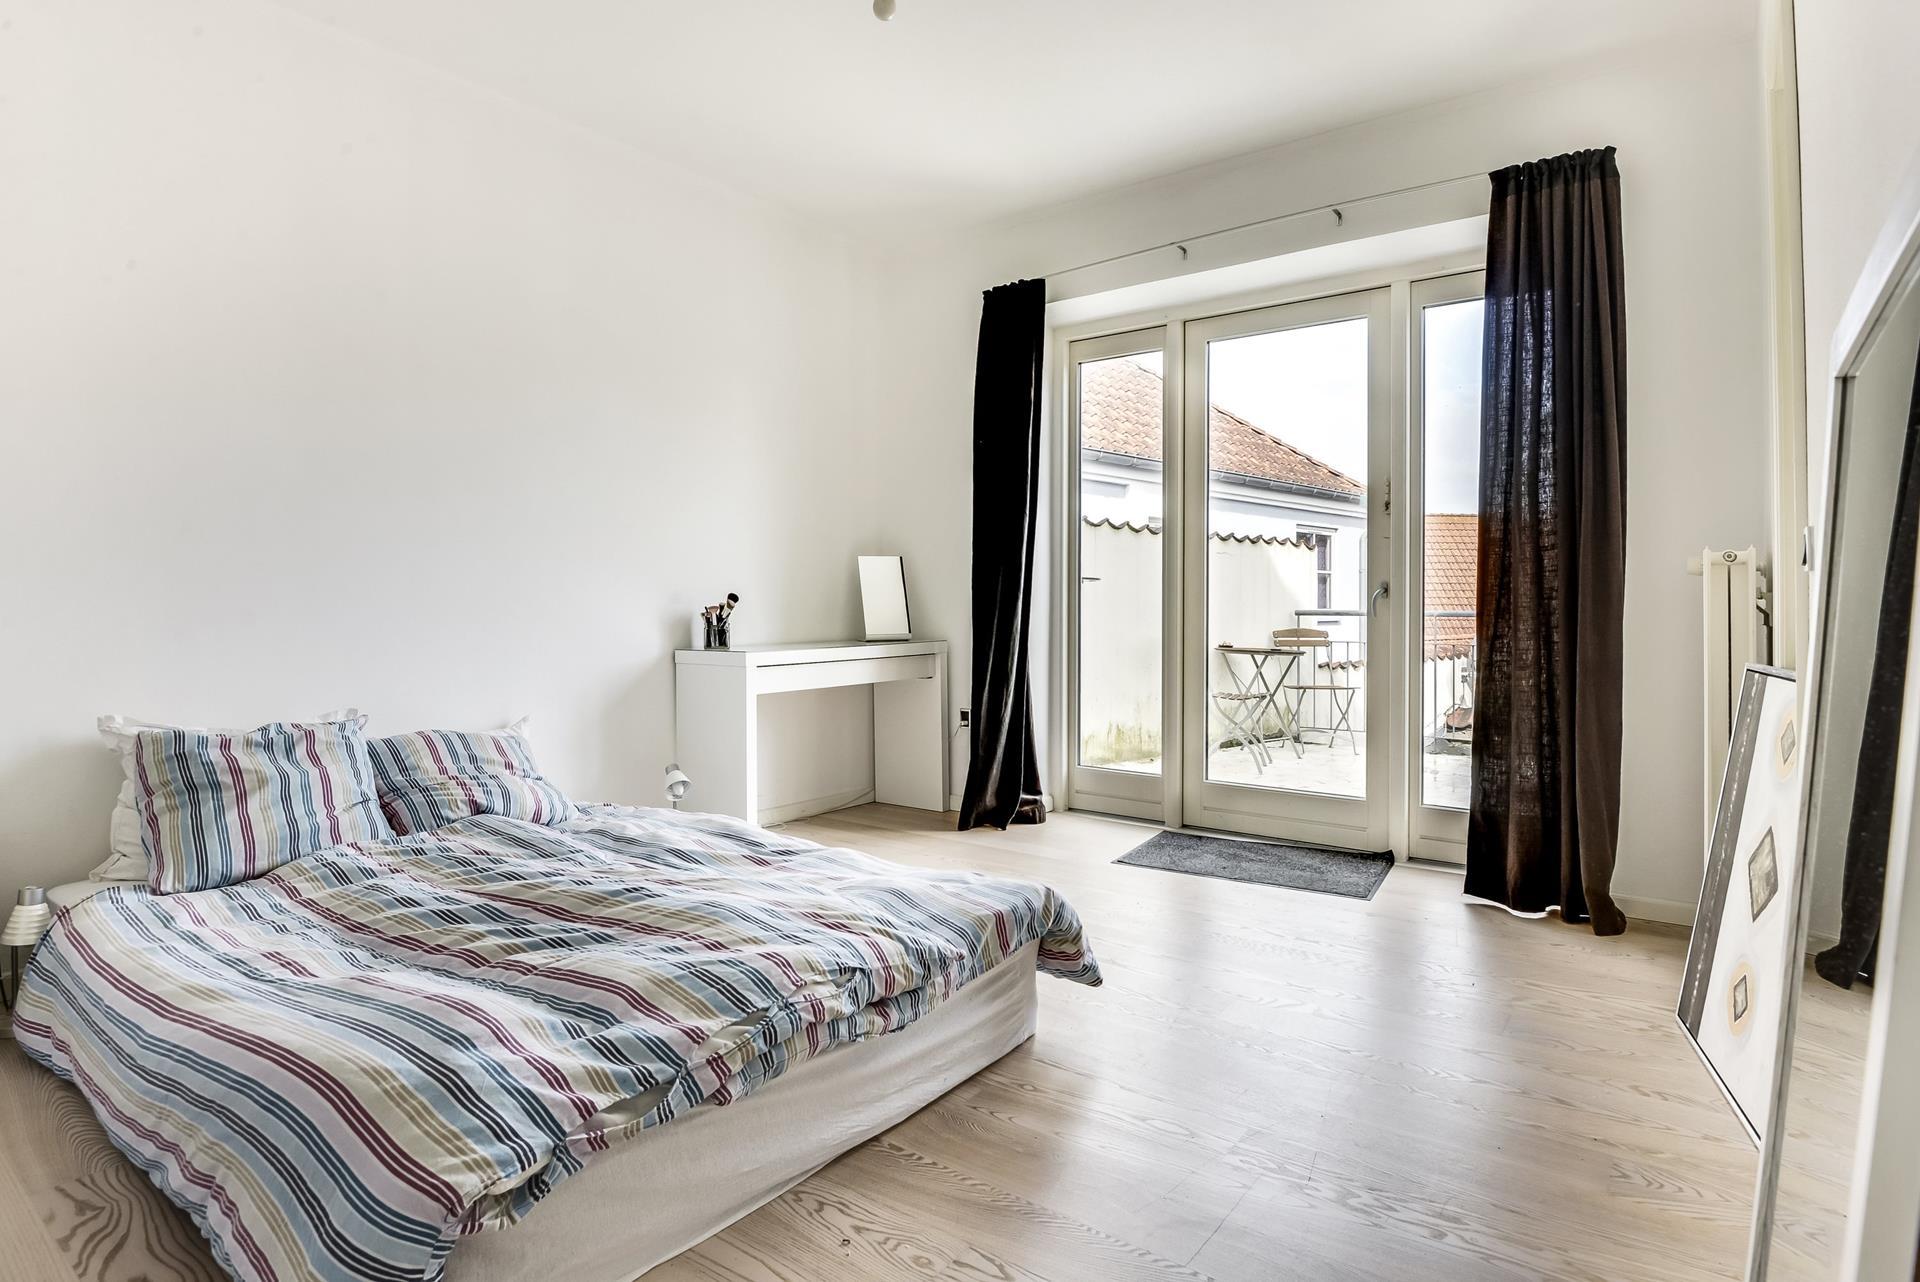 Bolig/erhverv på Storegade i Augustenborg - Soveværelse